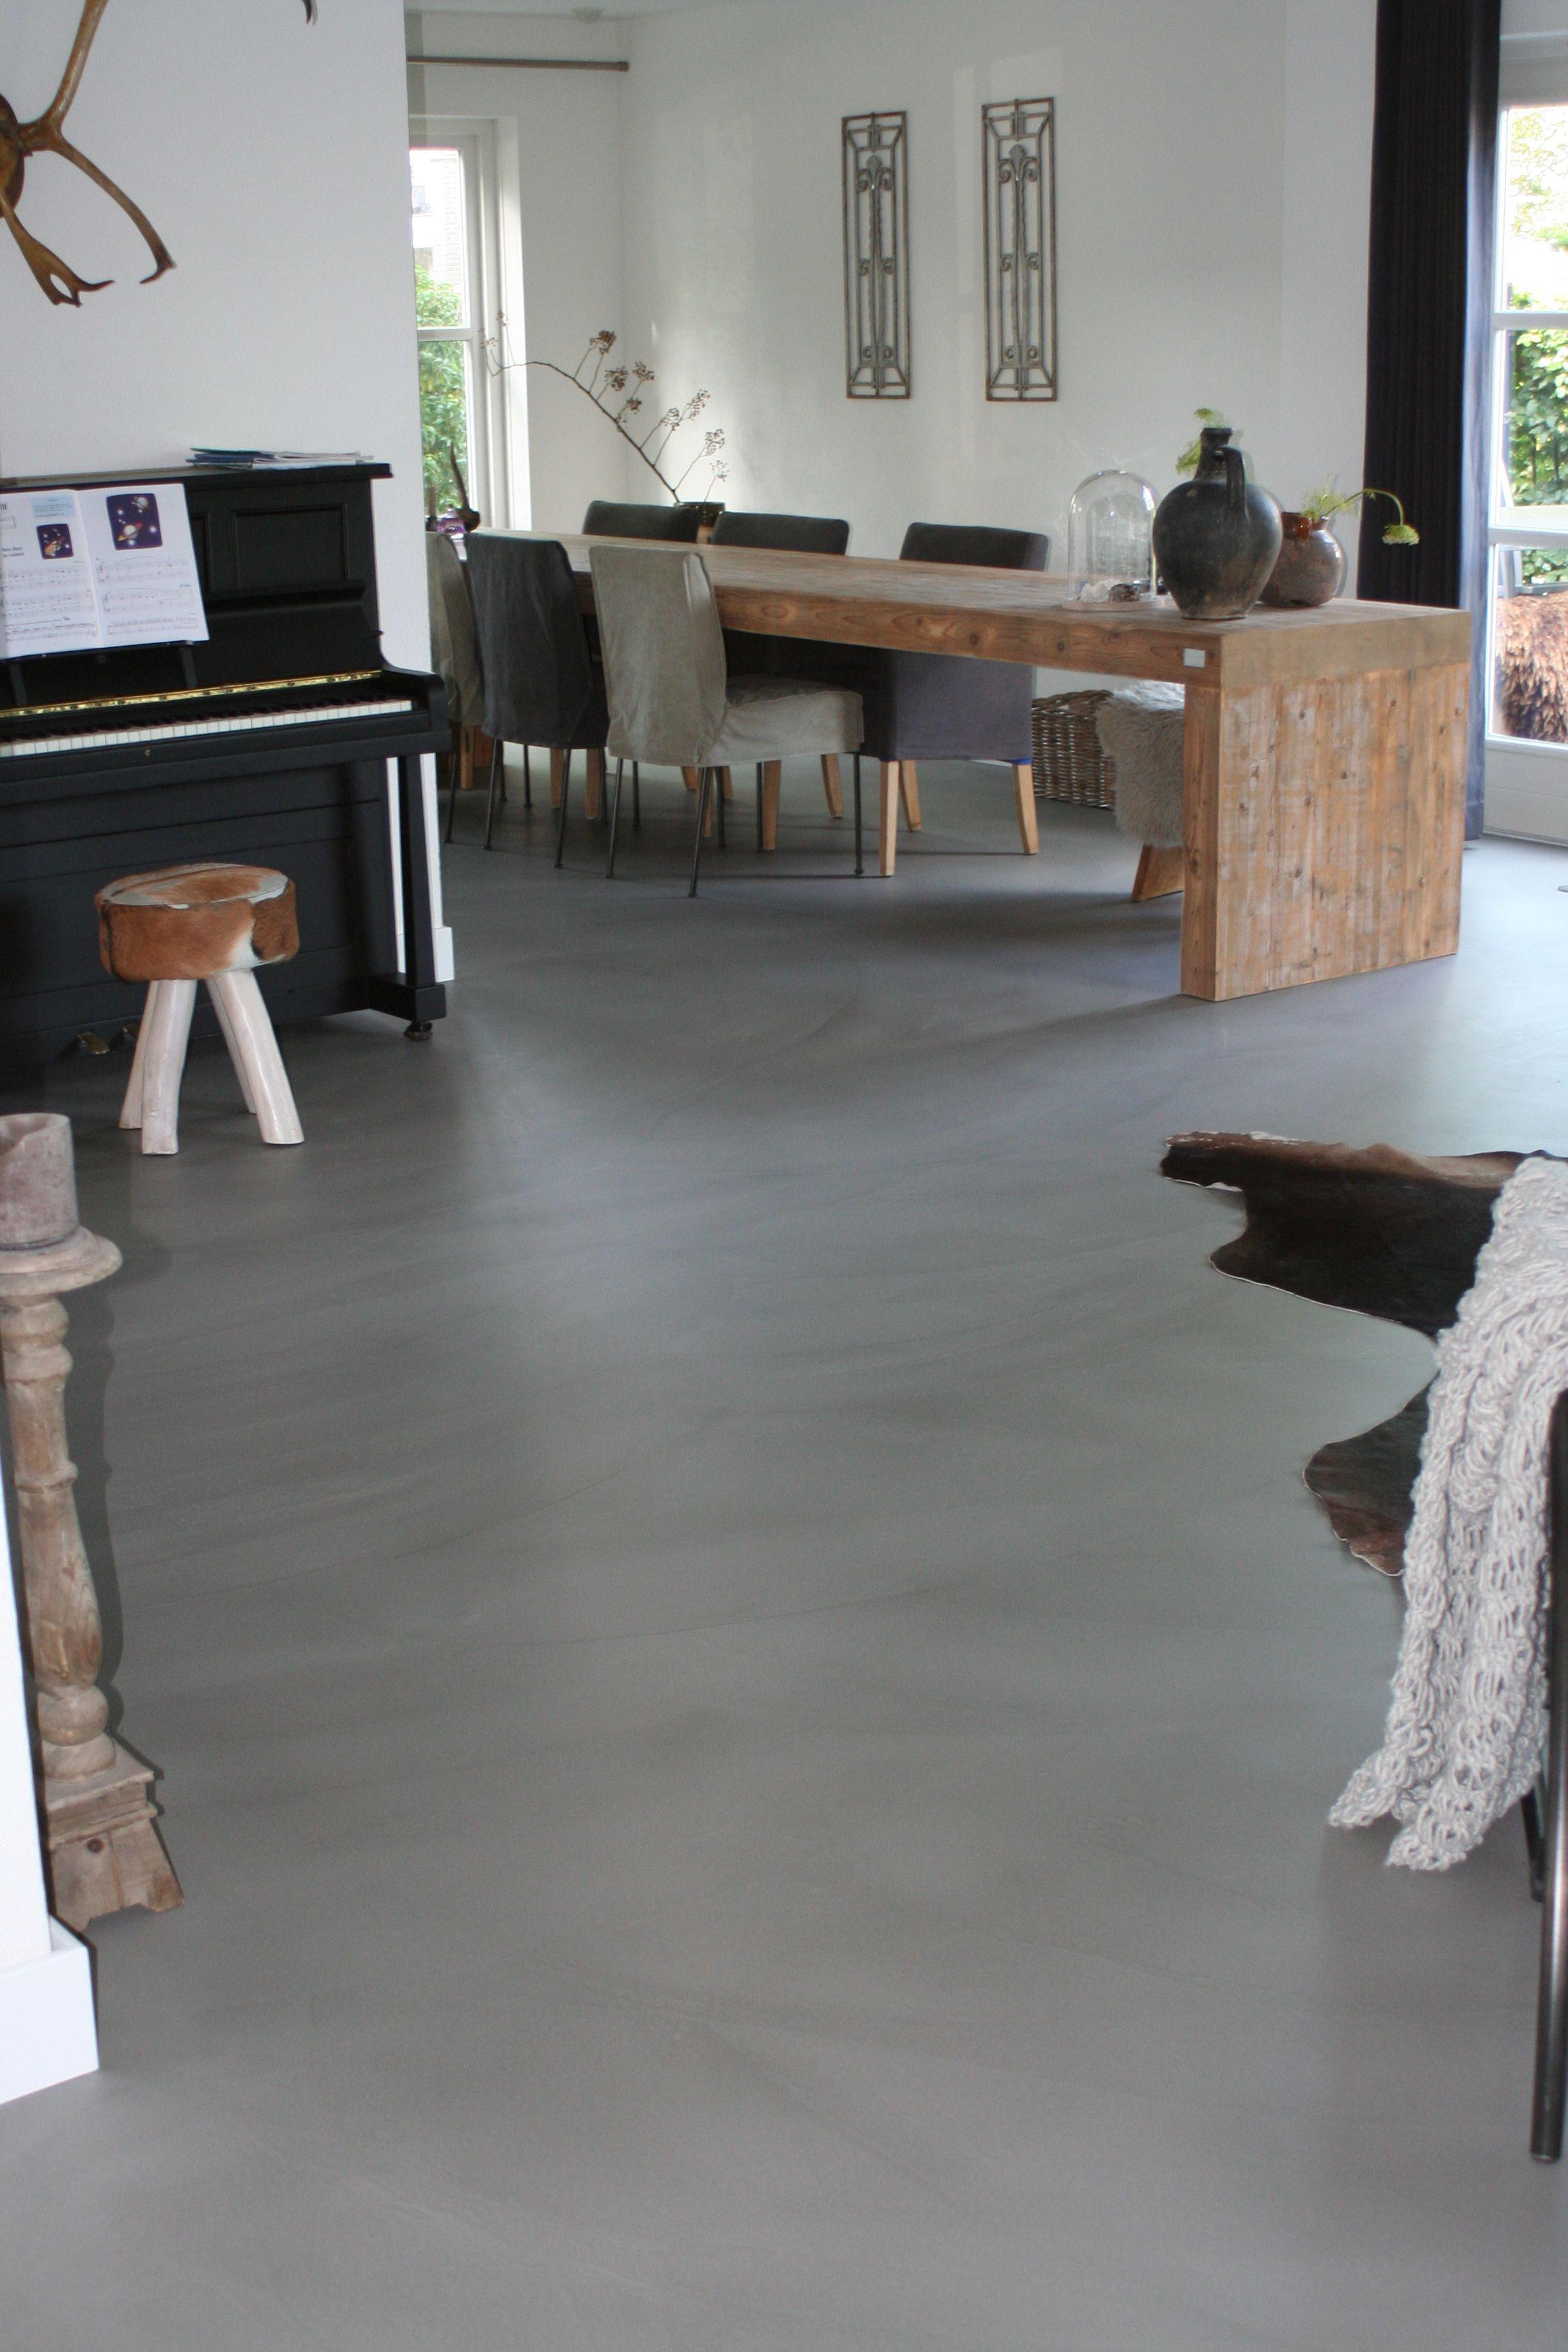 Boden Kuche Esszimmer Esszimmer Dunkler Boden Excellent Braune Wand Im